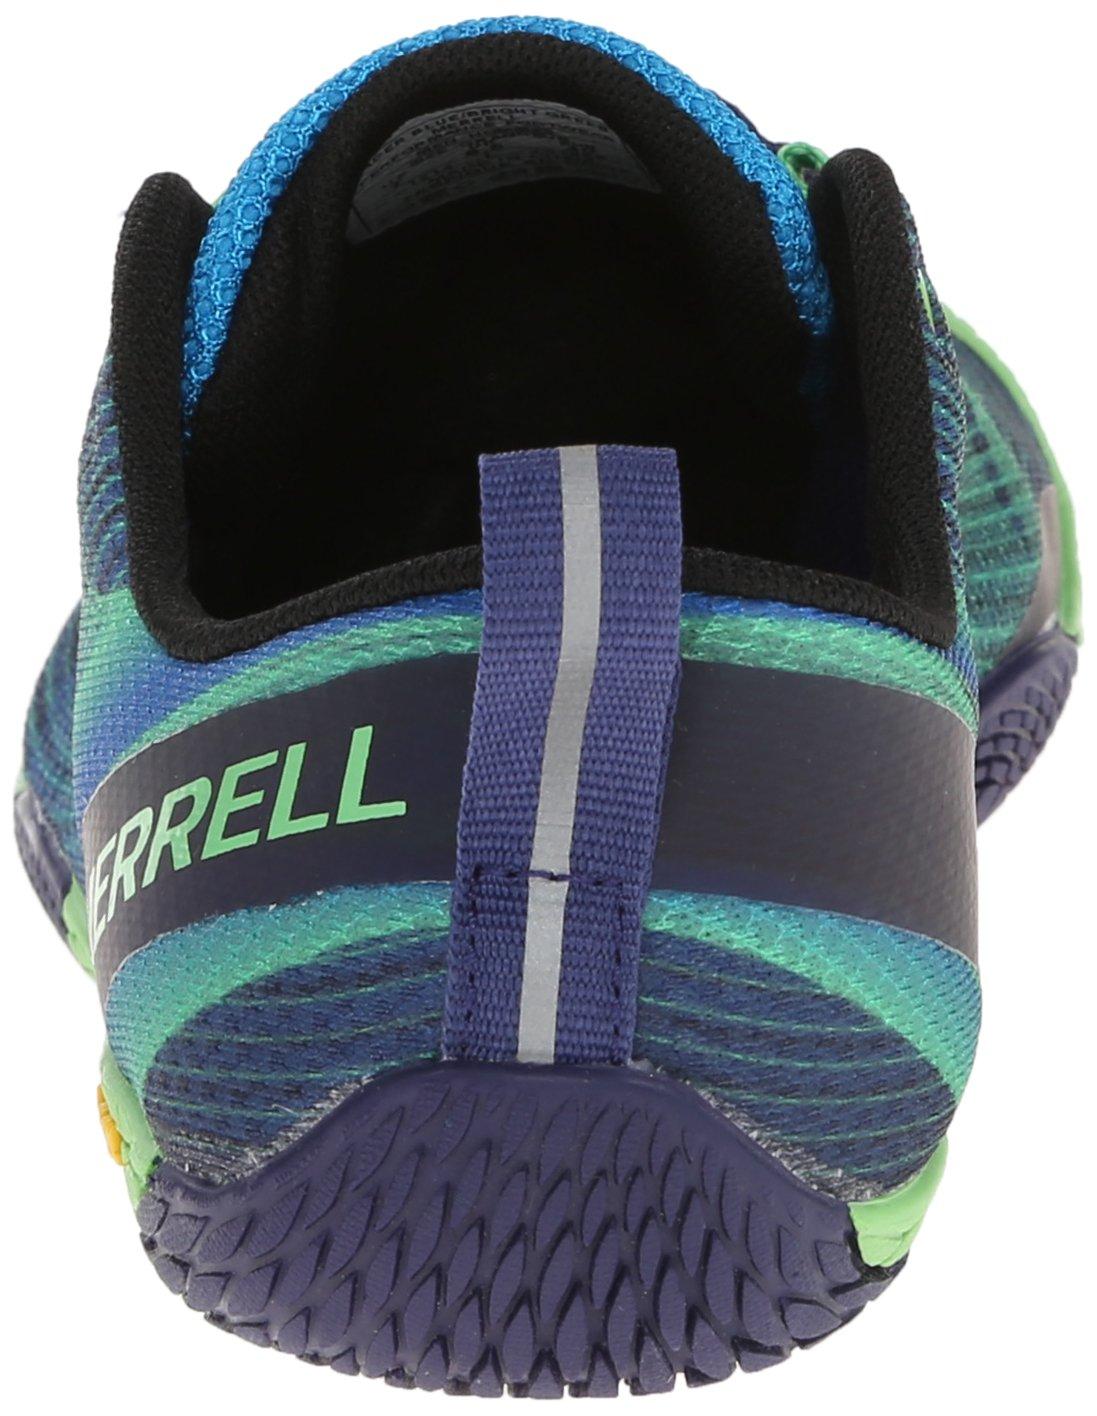 Merrell Men's Vapor Glove 2 Trail Running Shoe, Racer Blue/Bright Green, 9.5 M US by Merrell (Image #2)